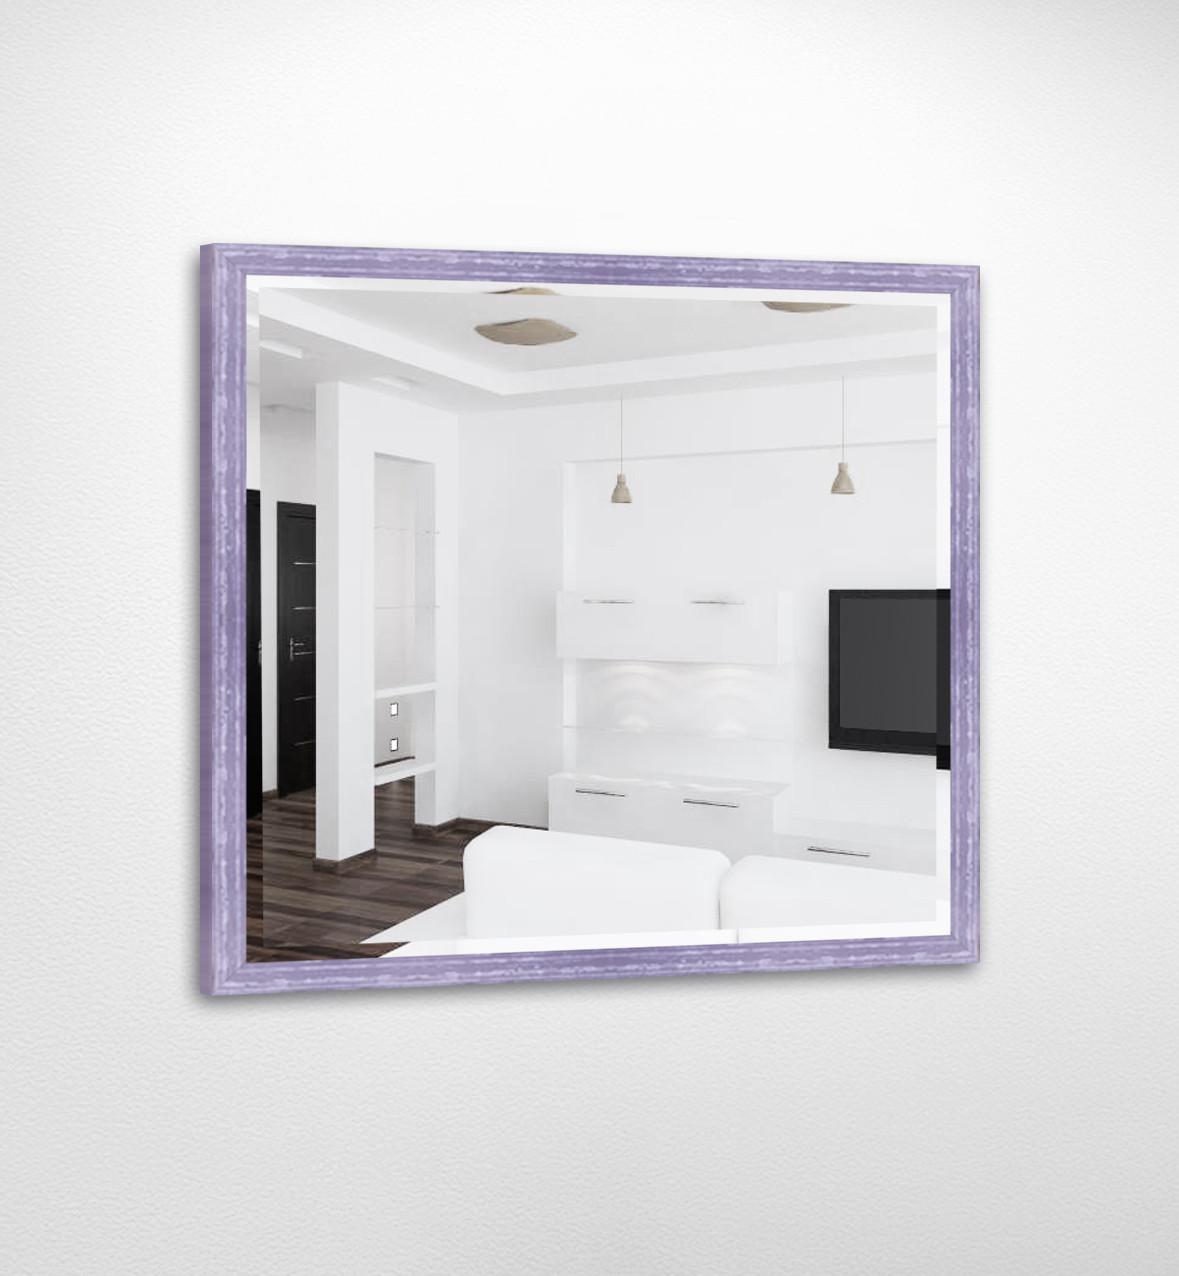 Настенное зеркало БЦ Стол Фиона квадратное B07-F фиолетовое